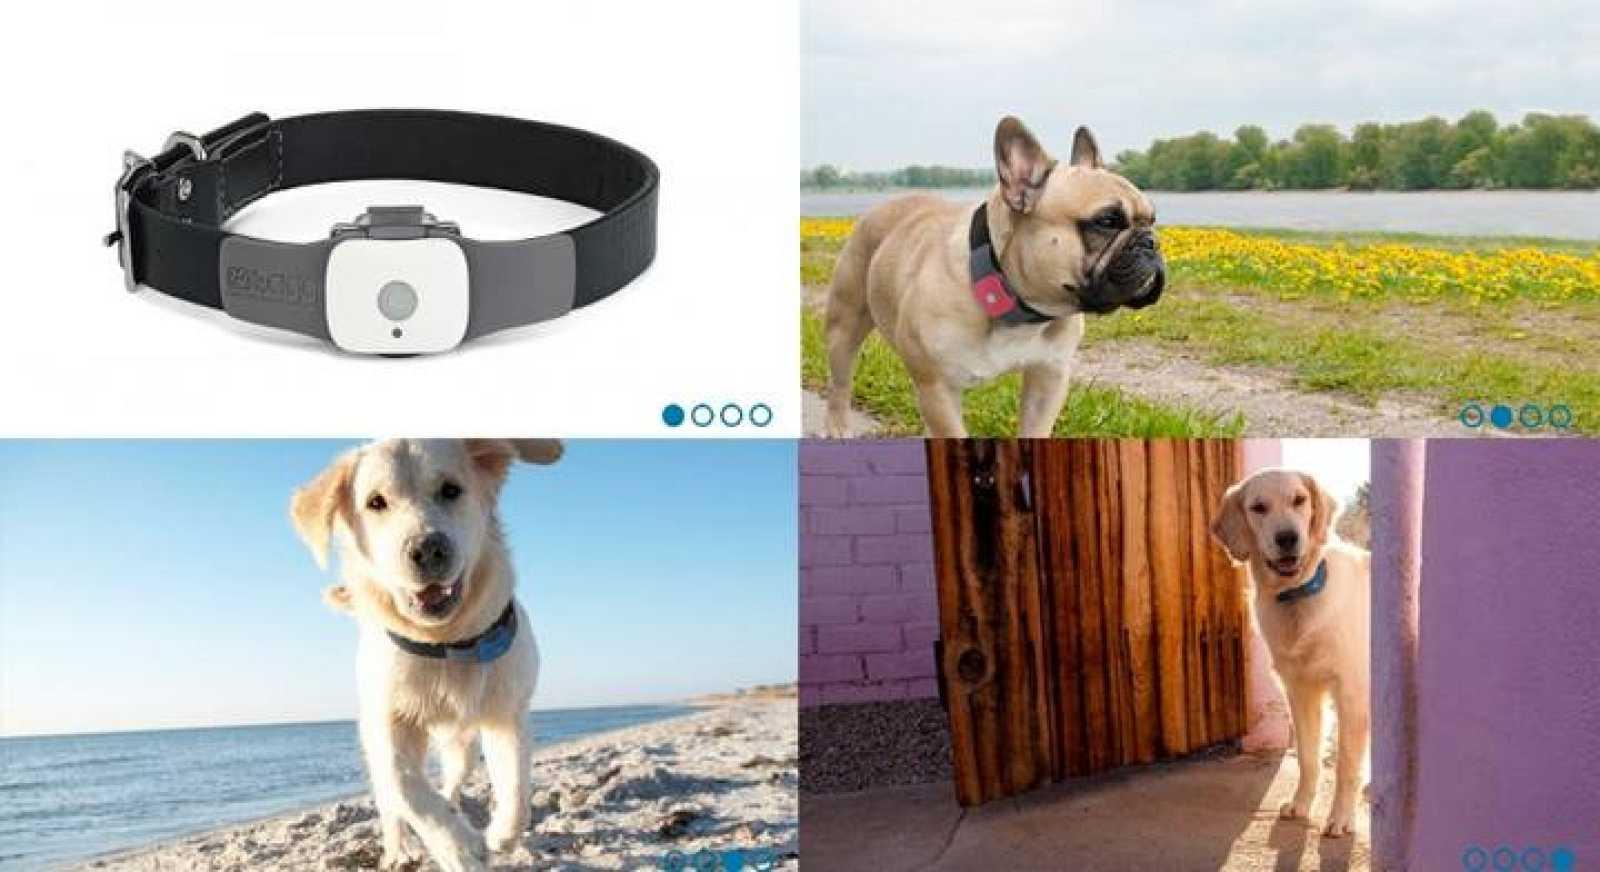 El 'localizador de mascotas'  incluye un receptor de GPS y un emisor de señales inalámbricas